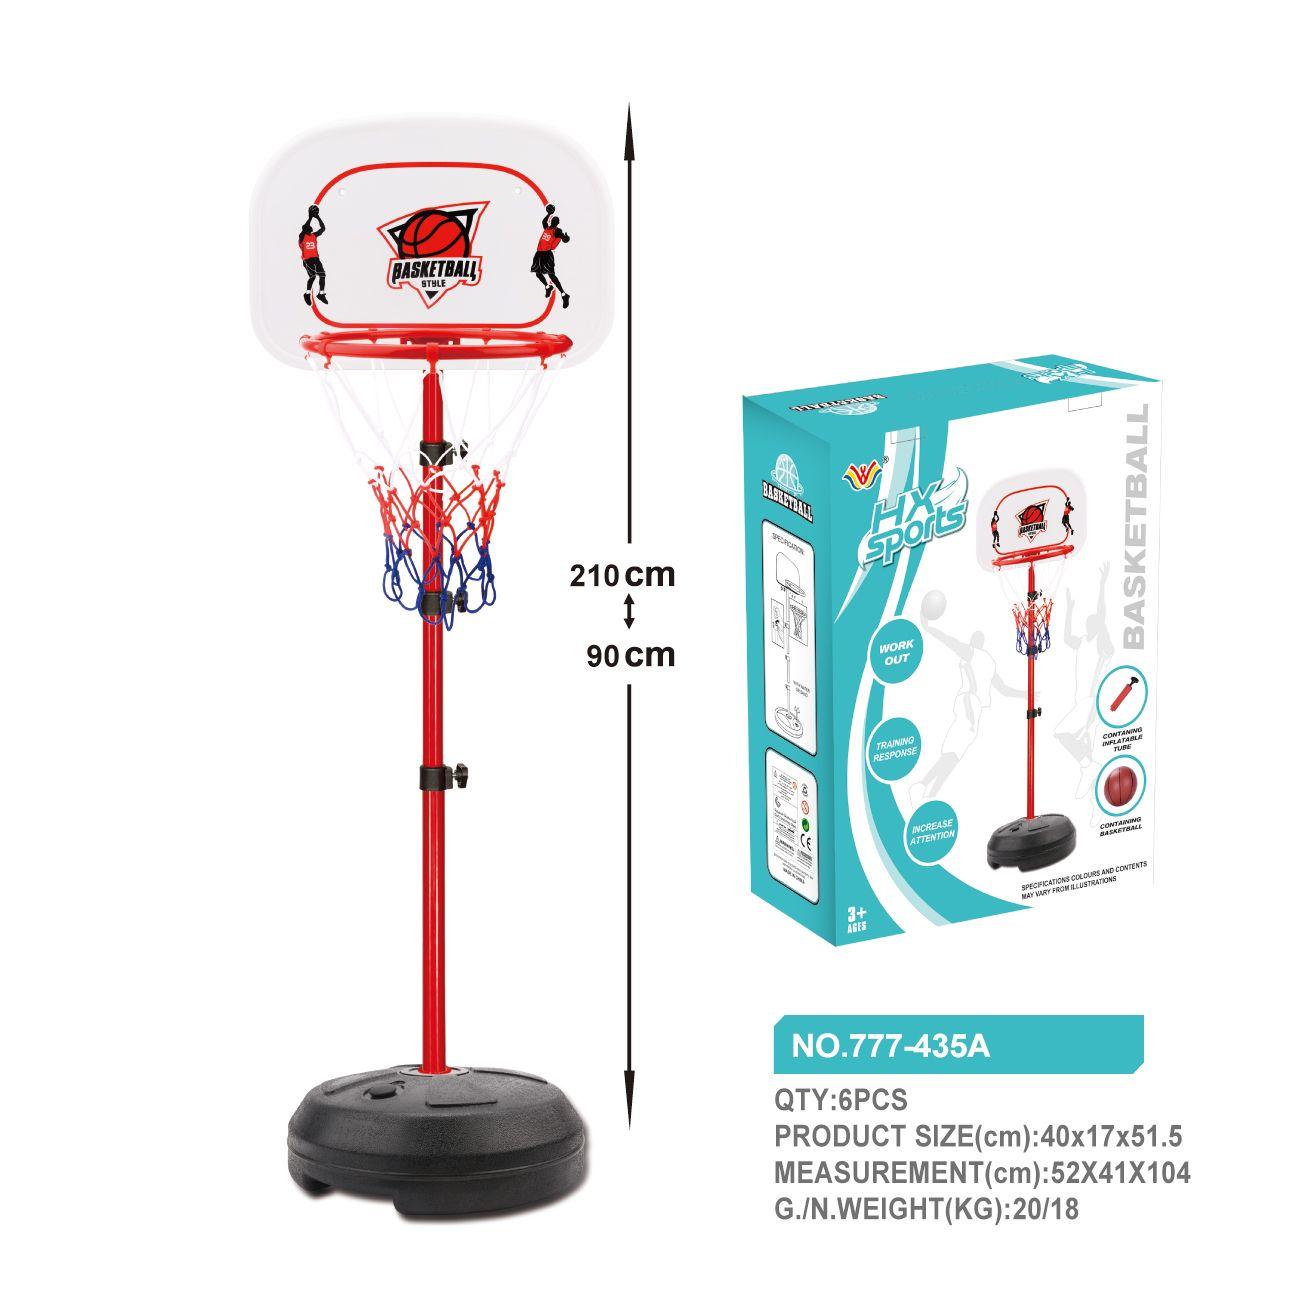 儿童体育篮球架、2.1米篮球架777-435A